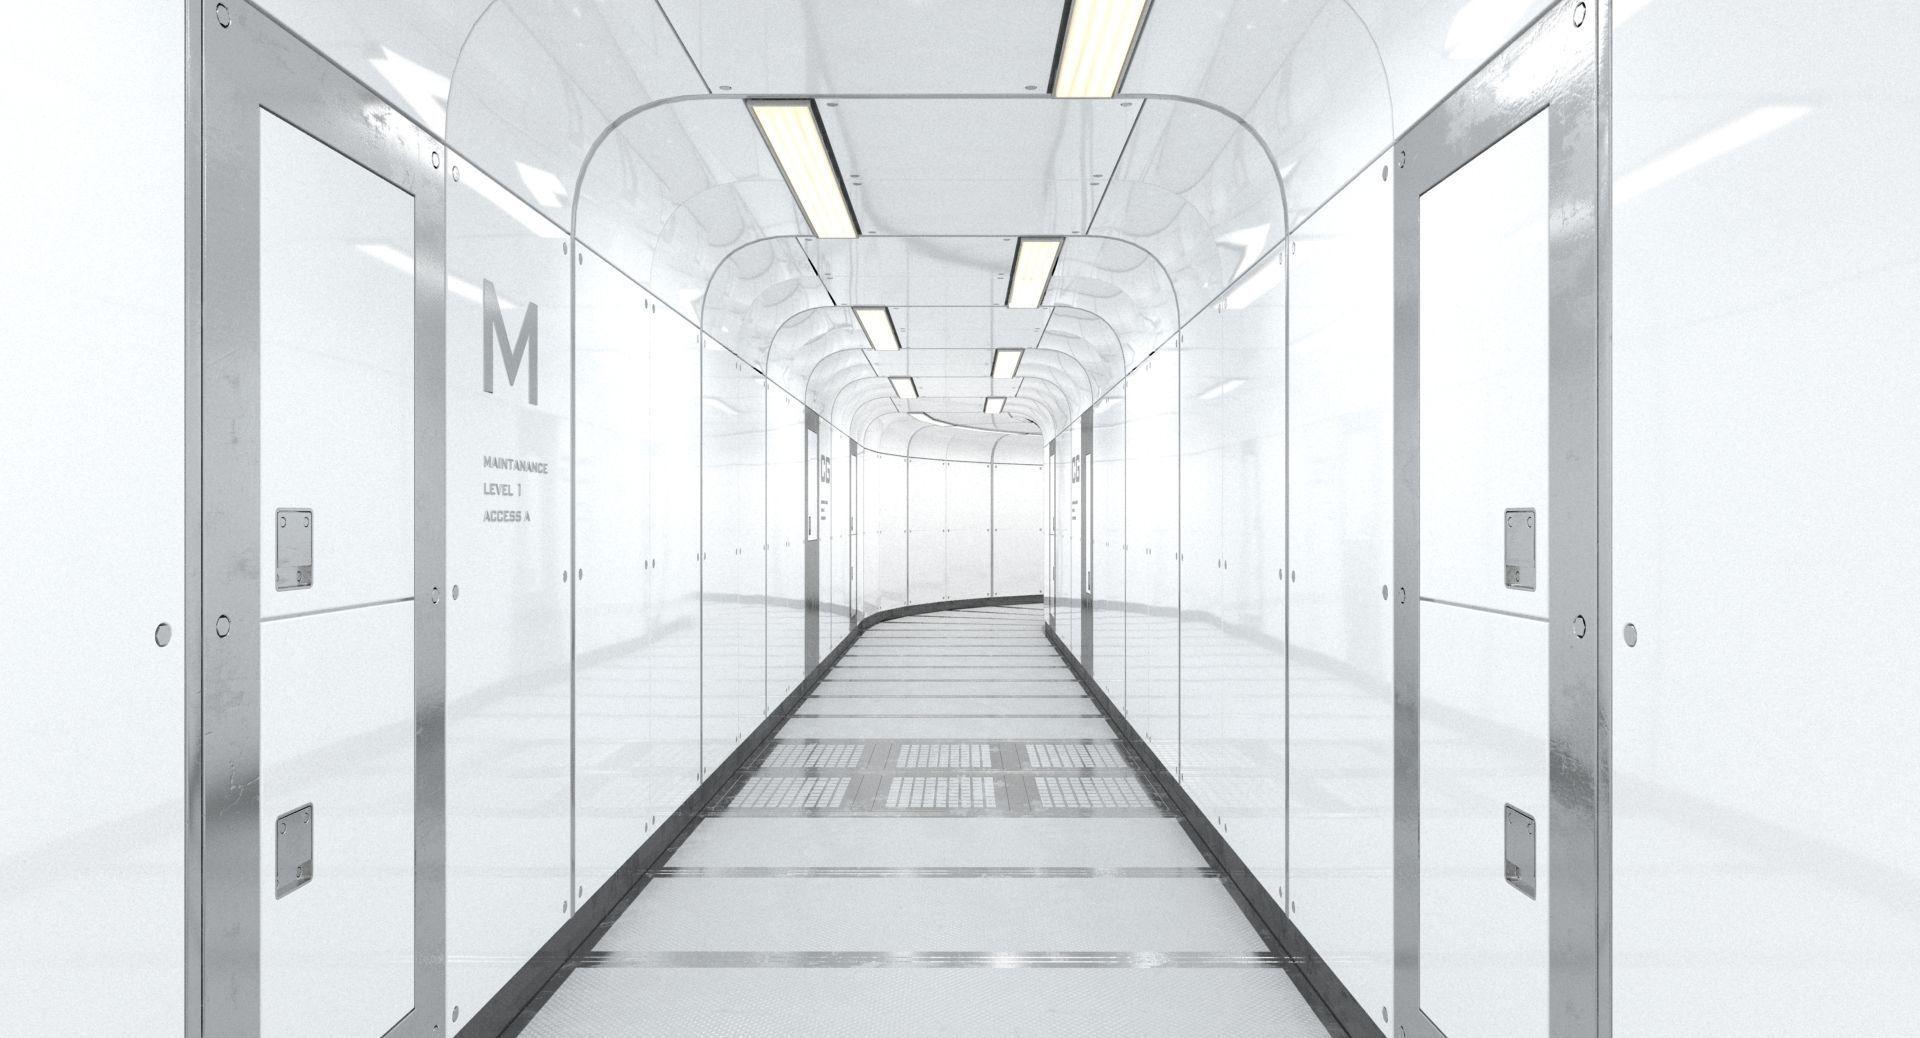 Spacecraft Corridor White